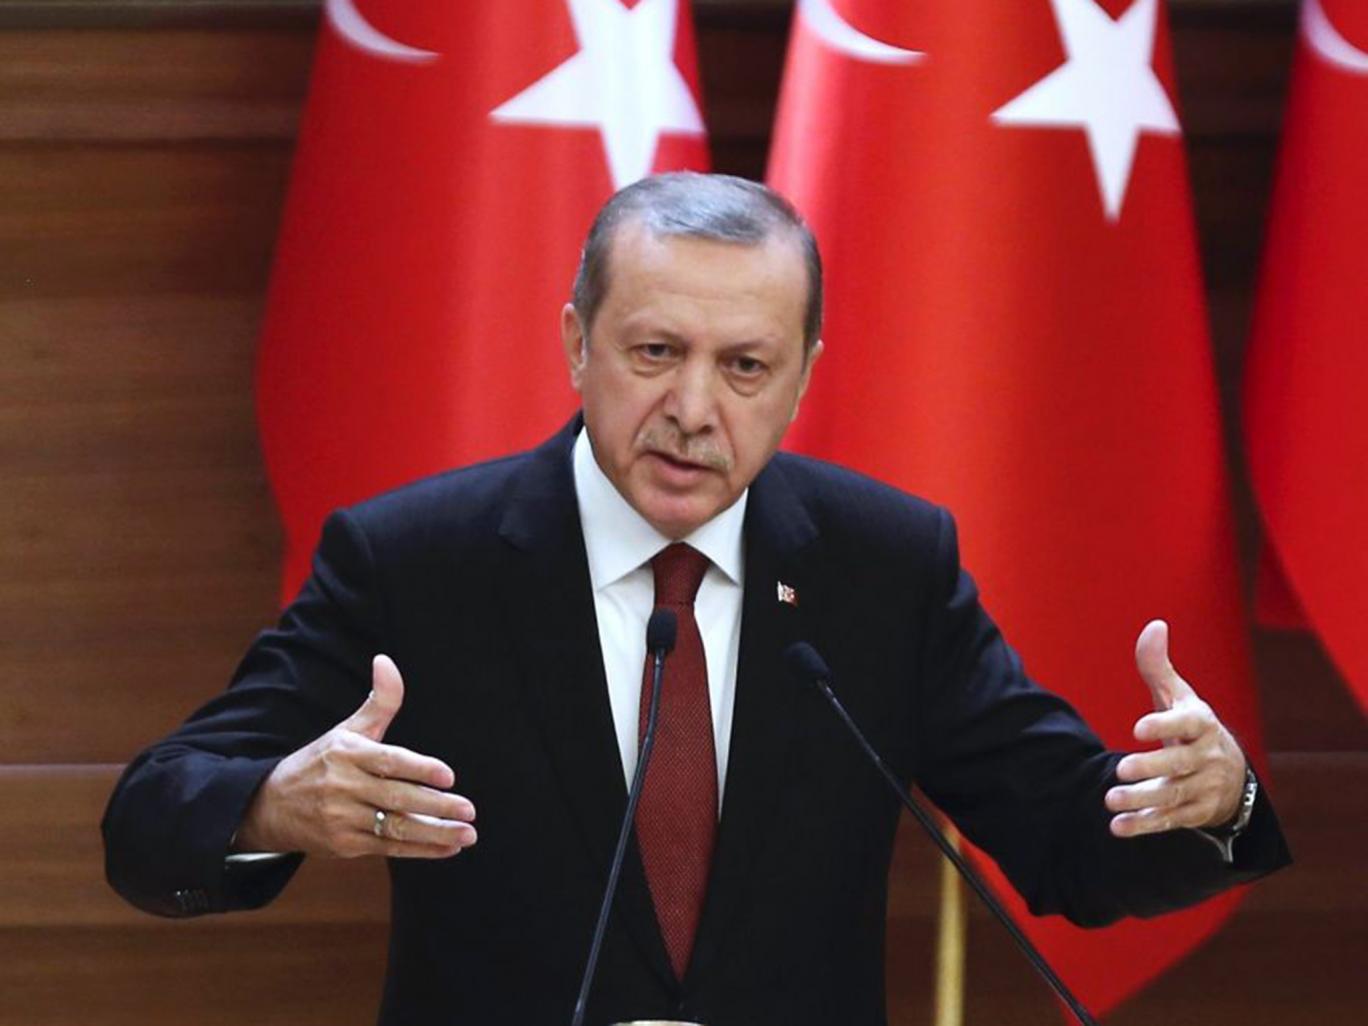 Ερντογάν: Επίσπευση των εργασιών για ολοκλήρωση του πυρηνικού σταθμού στο Ακούγιου